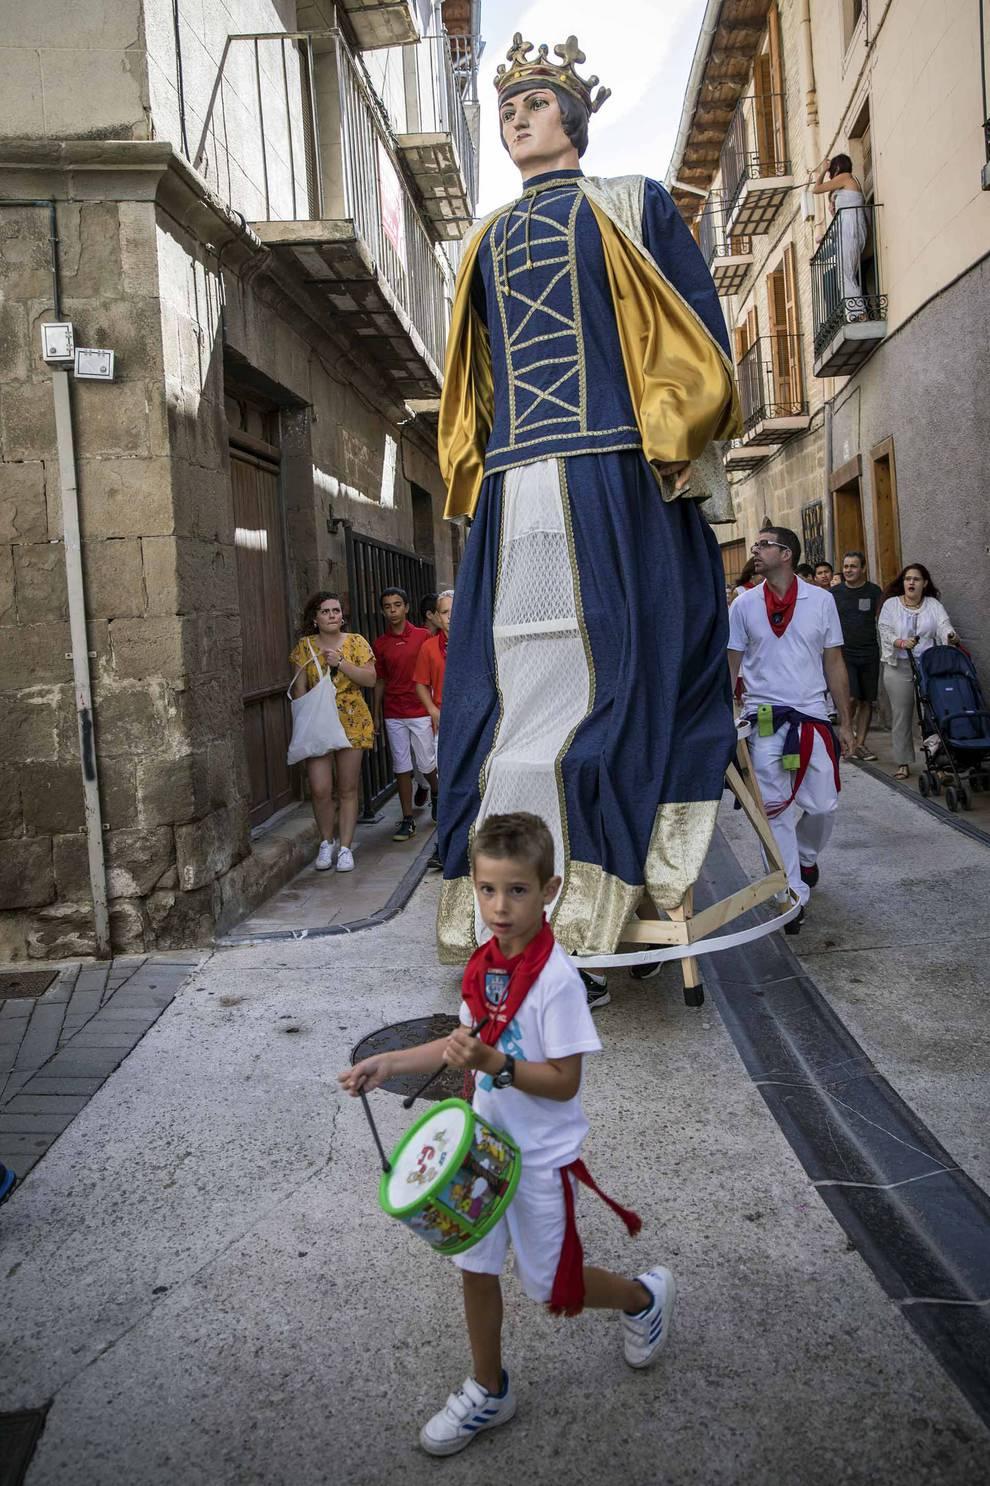 Fotos del día grande de fiestas de Lumbier | 31 de agosto de 2018 (1/33) - Lumbier celebró este viernes, 31 de agosto, el día grande de sus fiestas en honor a San Ramón - Sangüesa y Merindad -